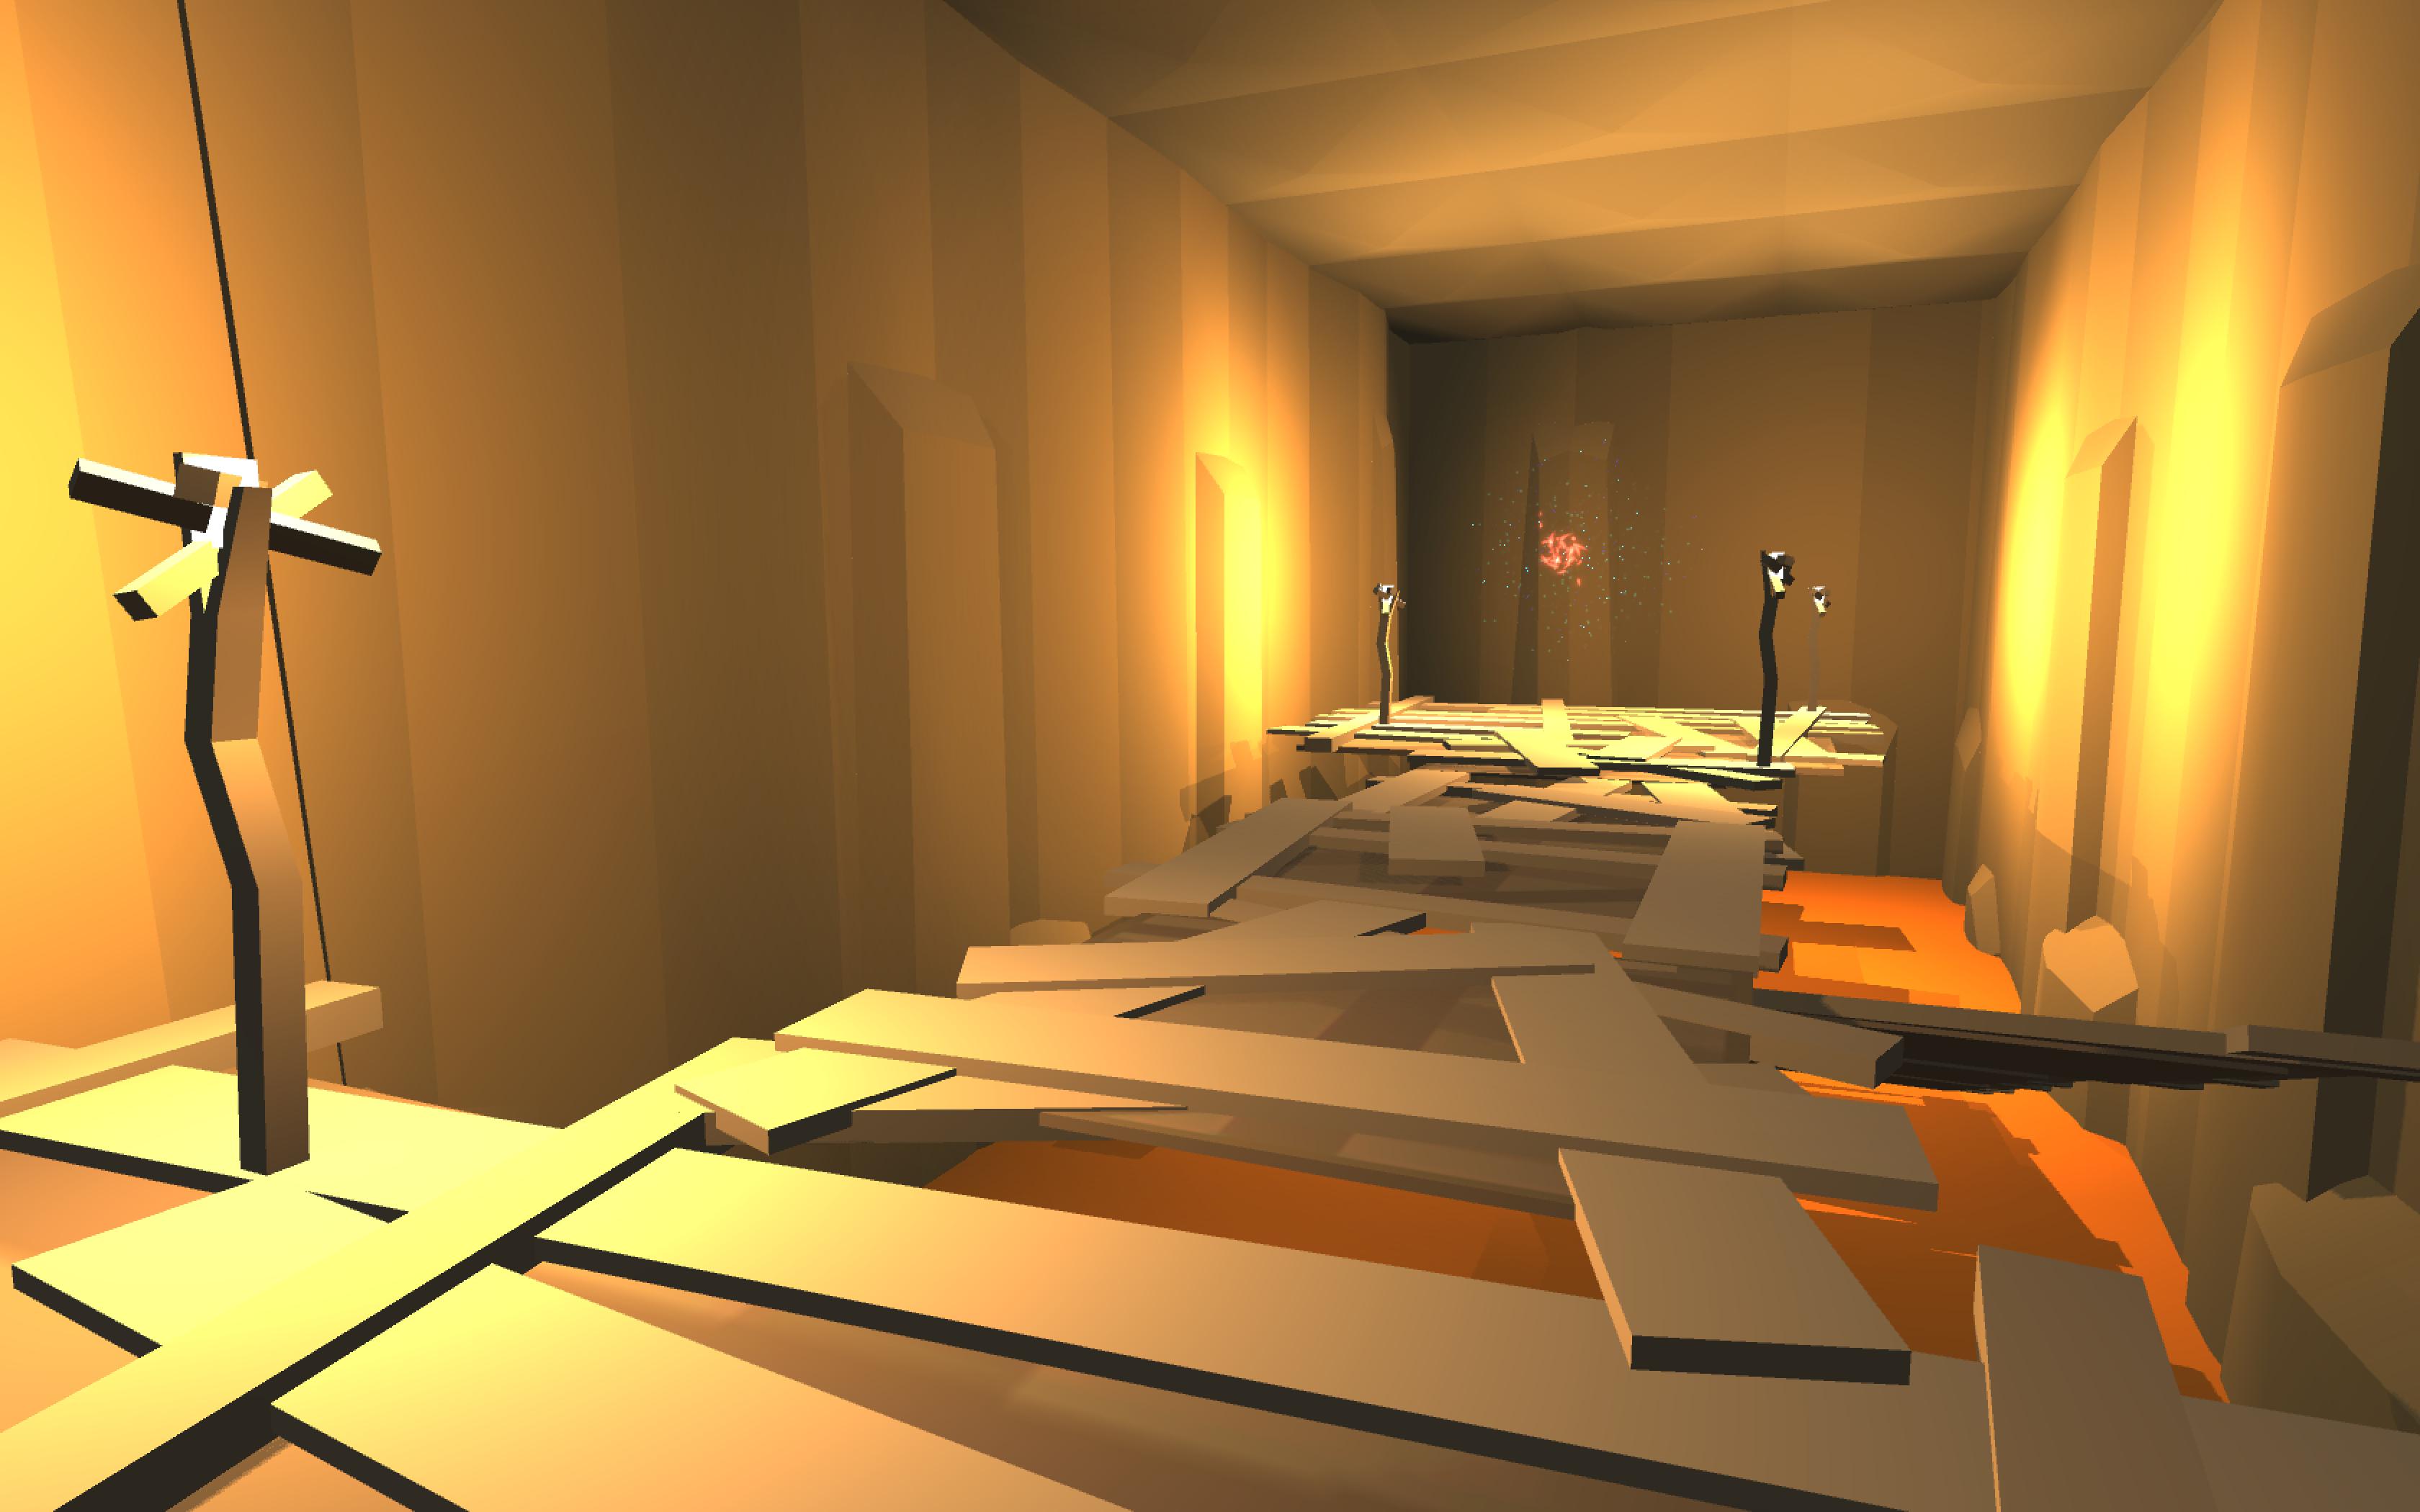 Level 3 Image 3